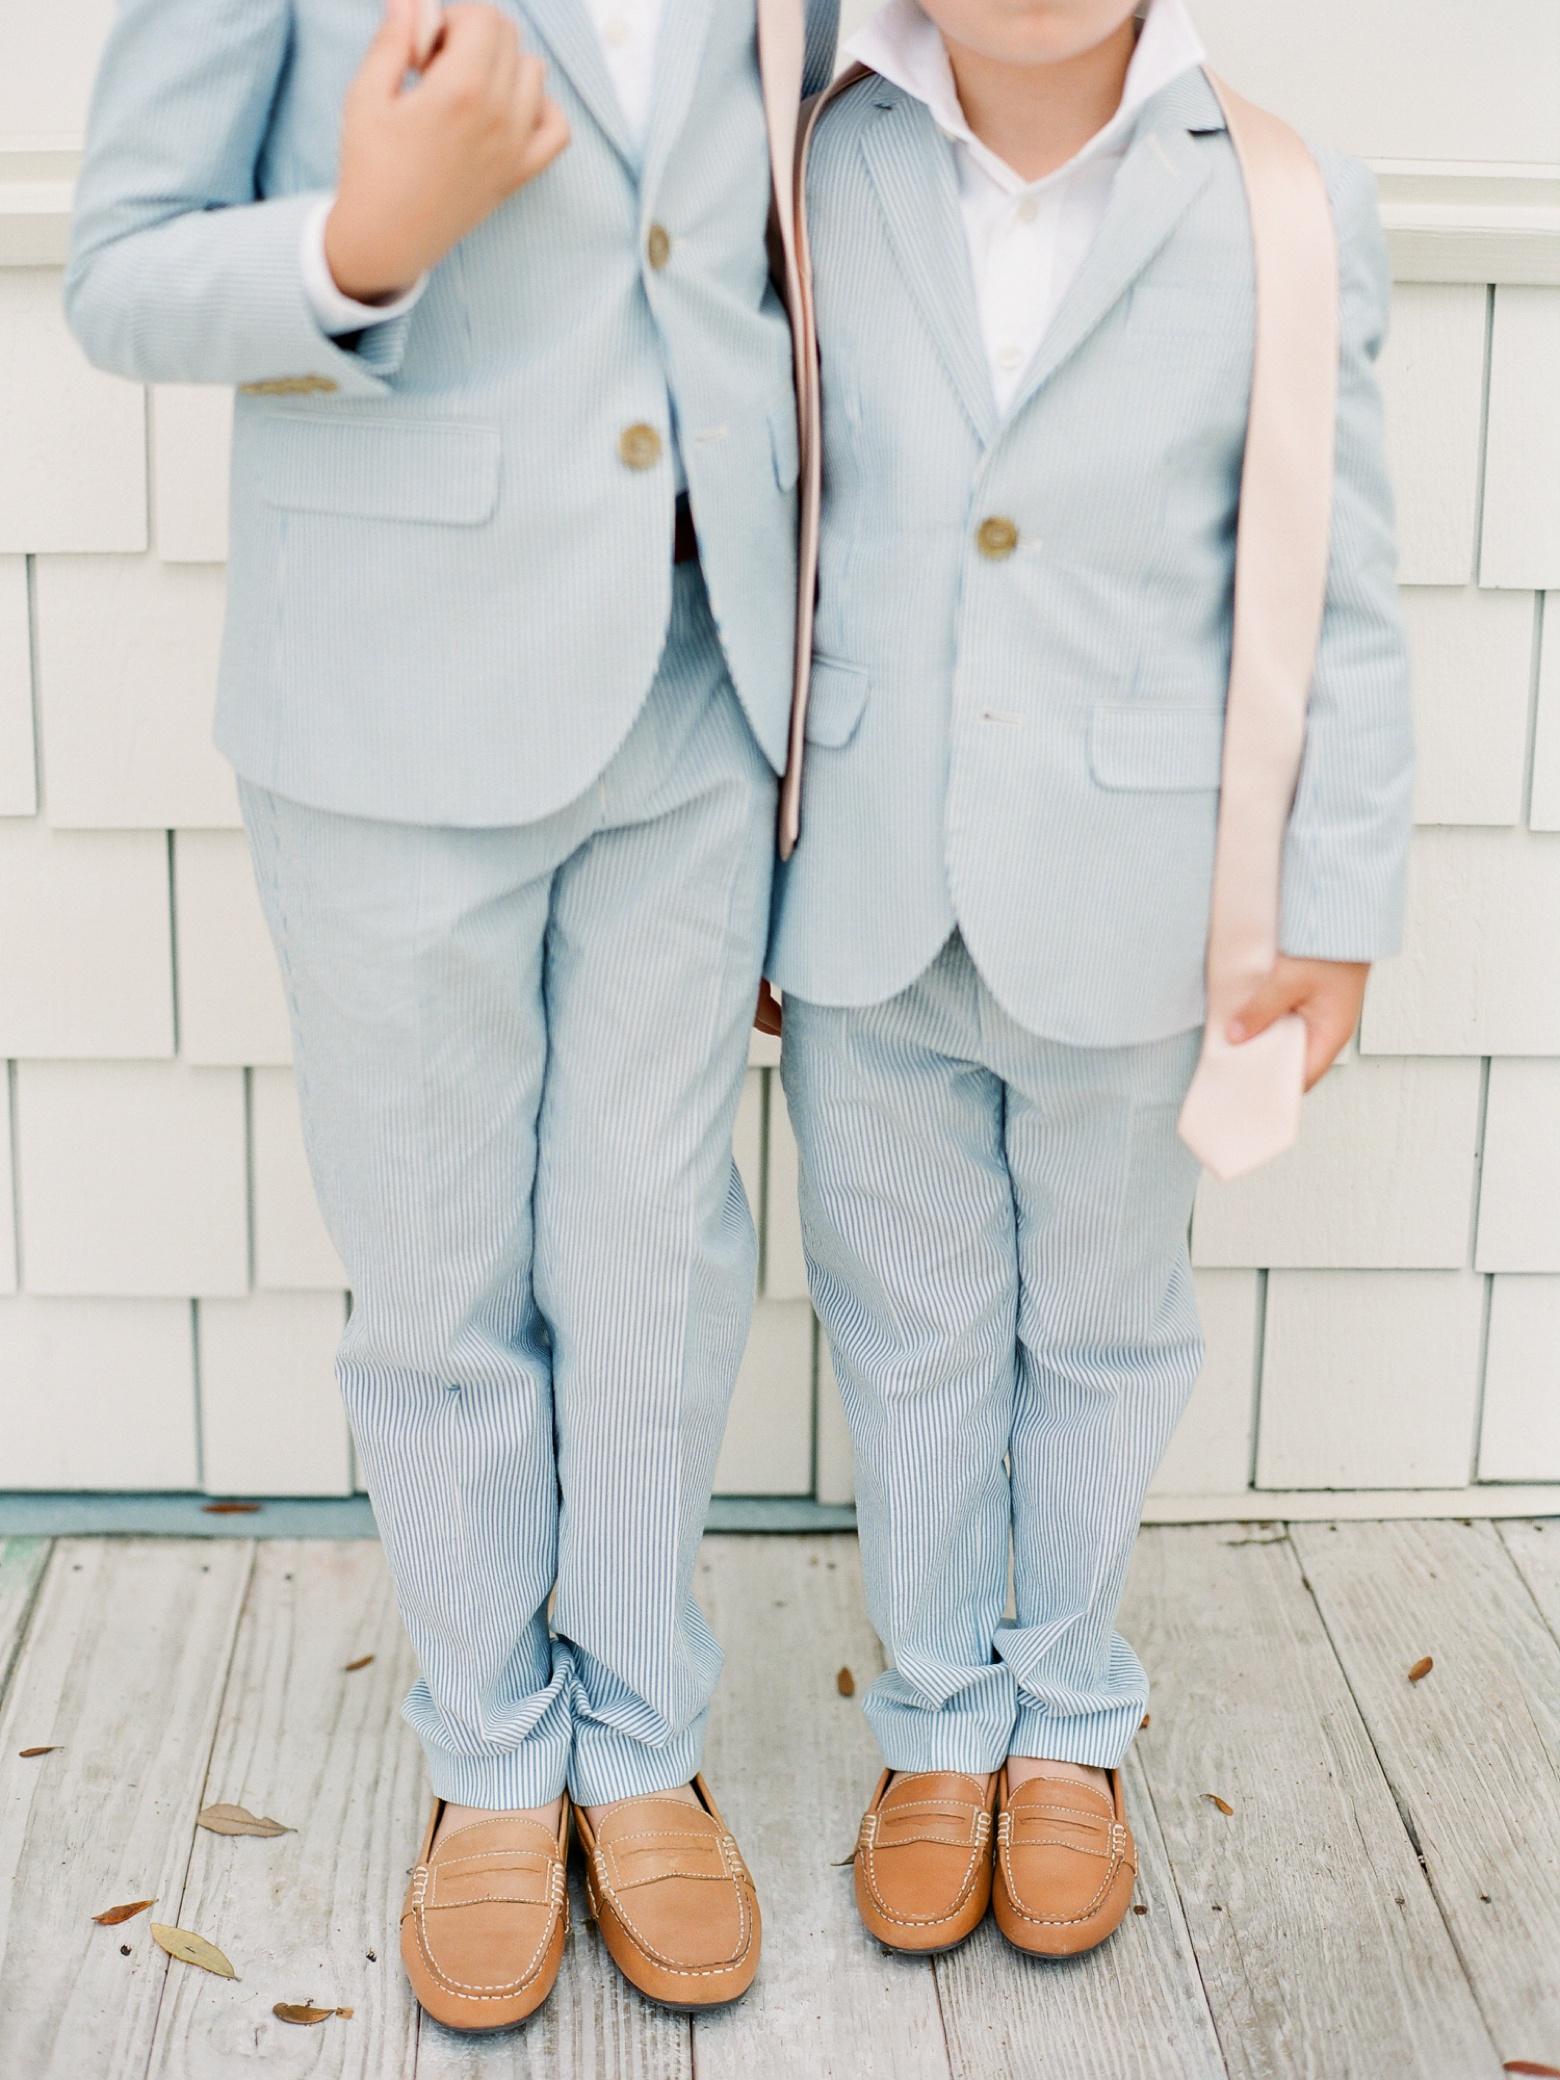 Tybee Island Wedding Photographer_0013.jpg